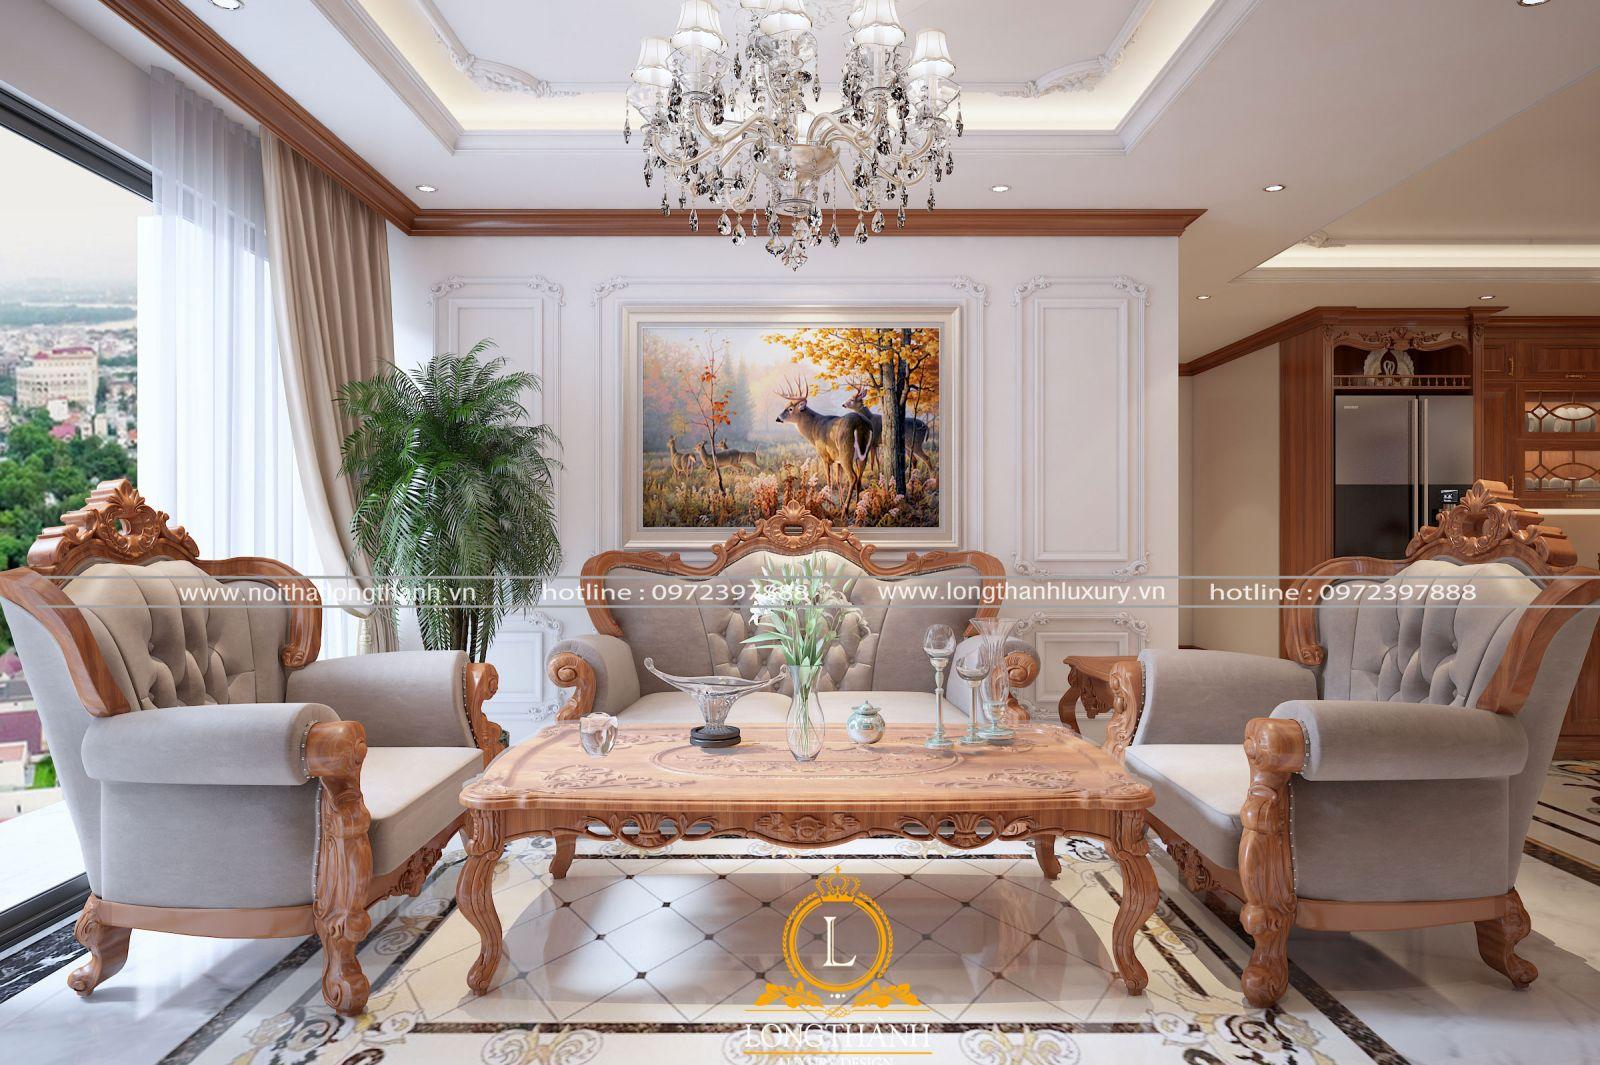 Mẫu sofa bọc vải cho phòng khách chung cư cao cấp